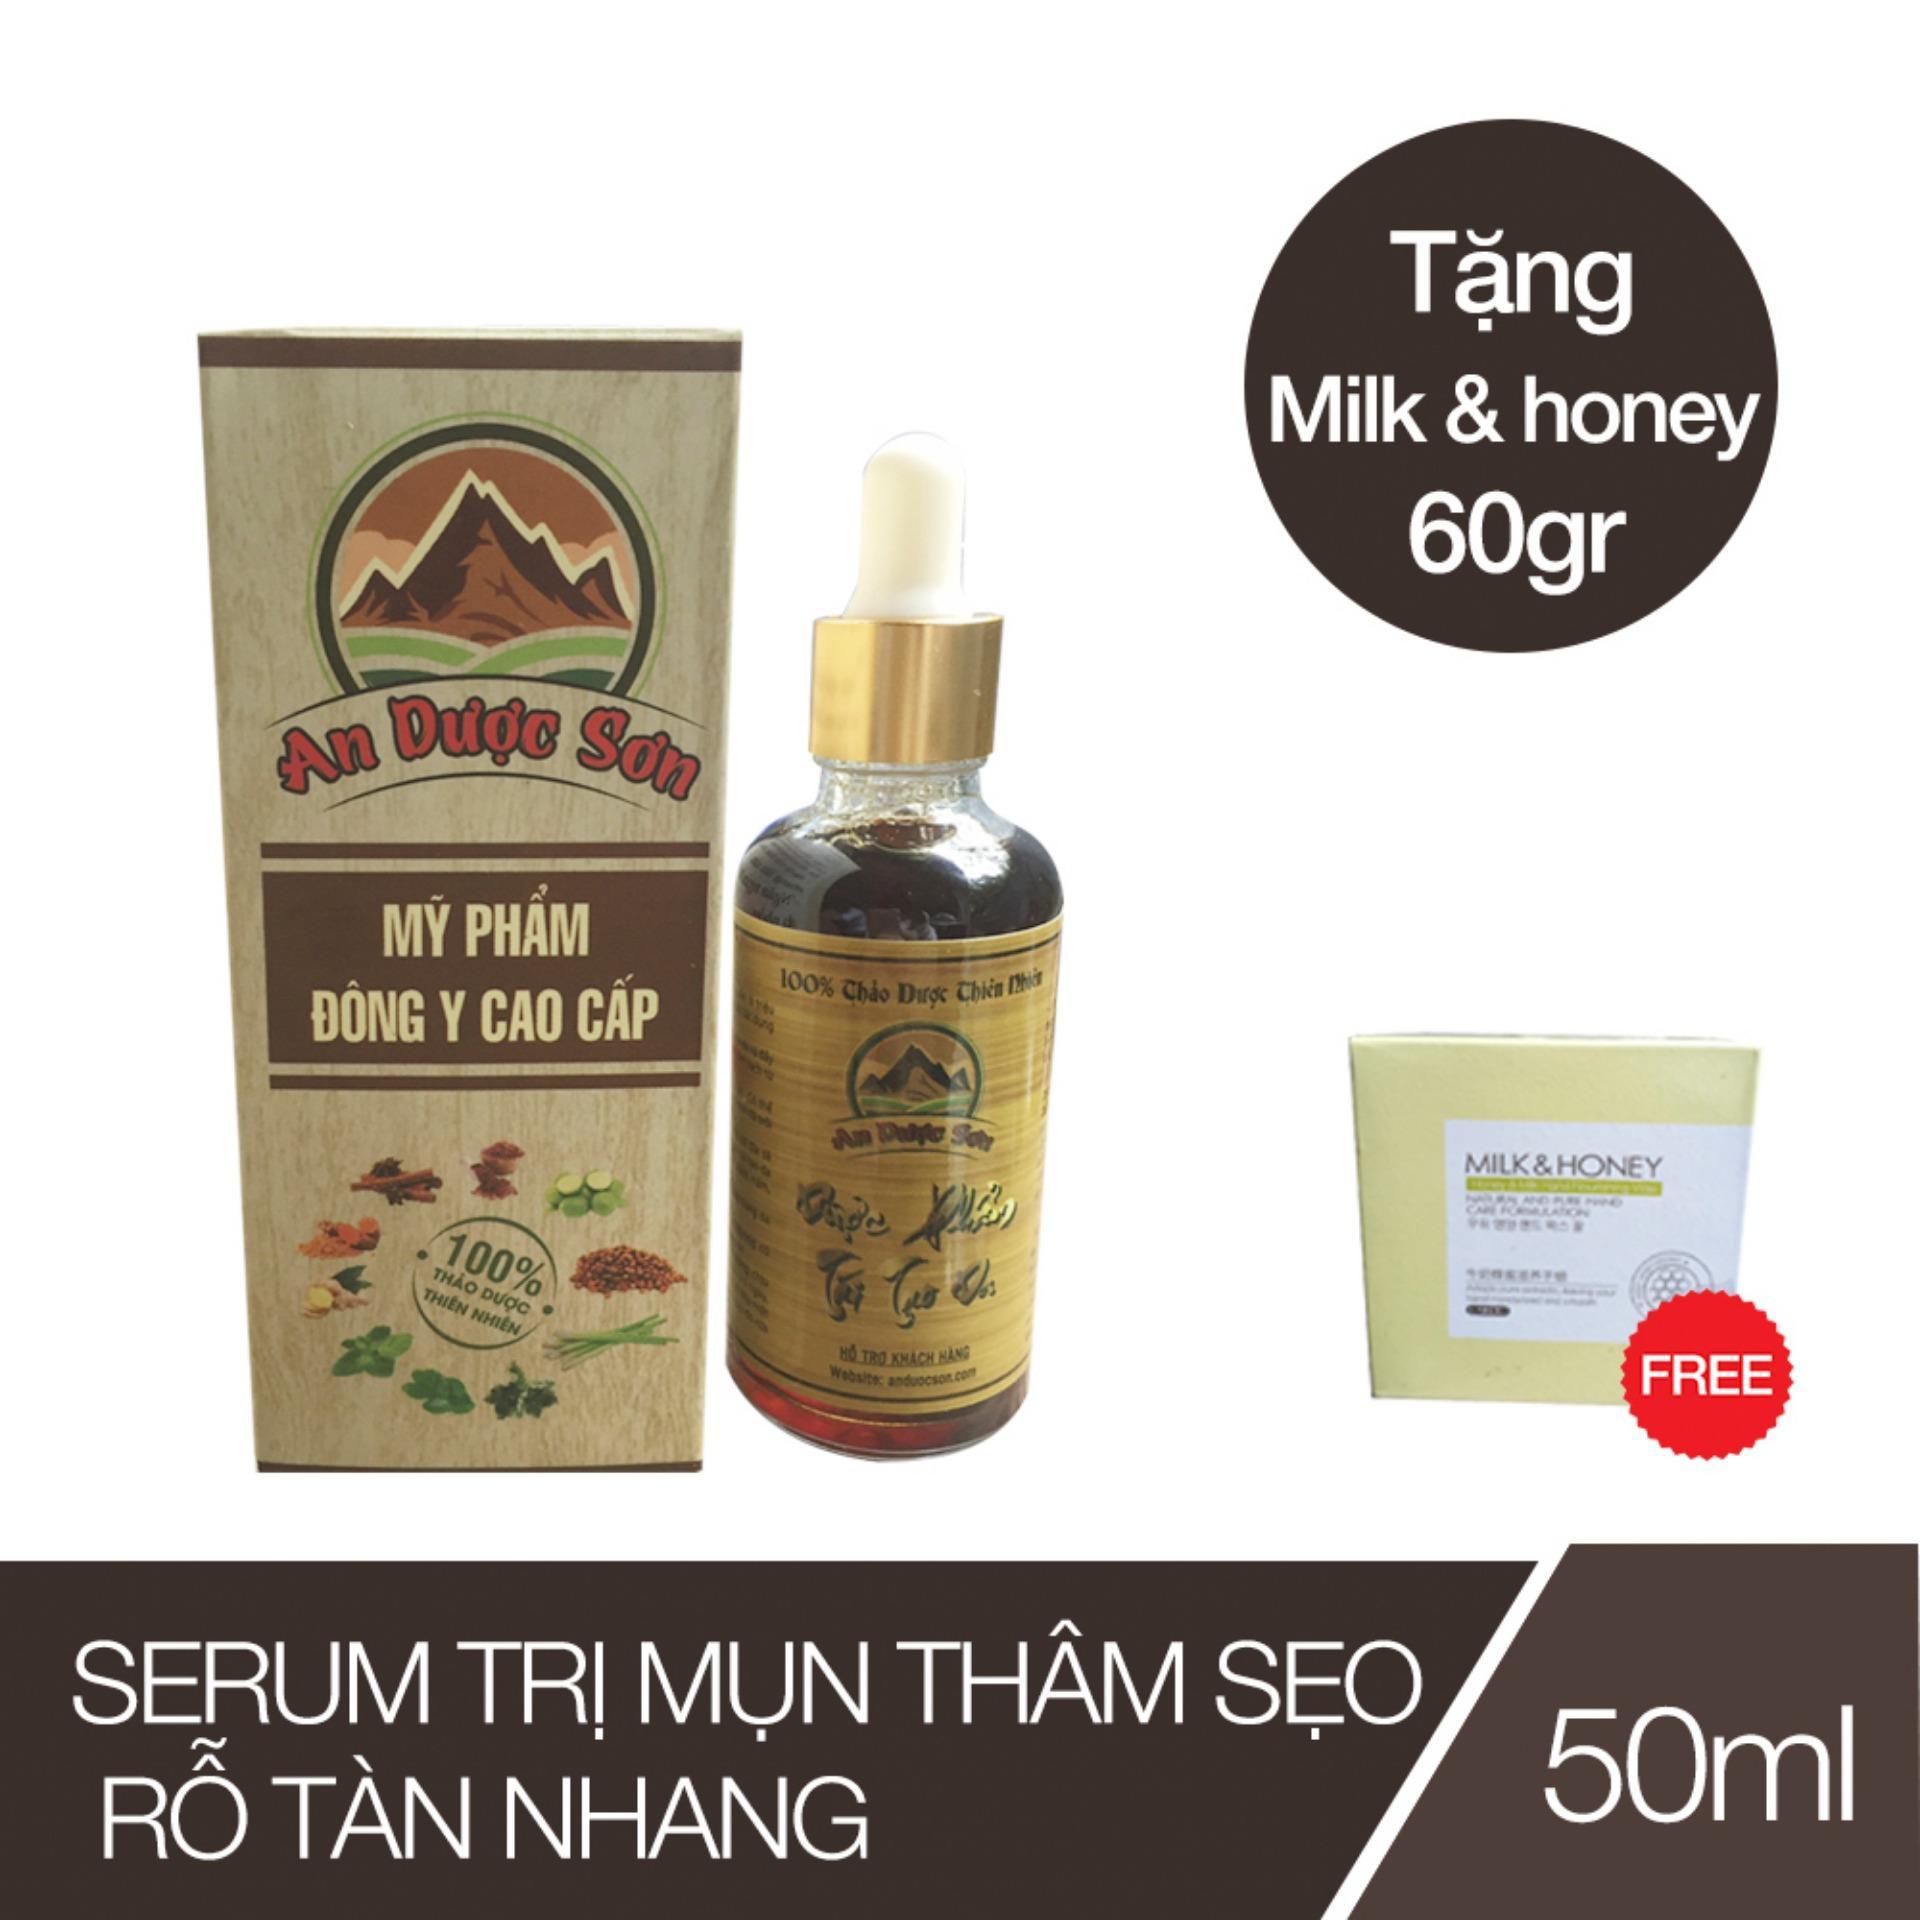 Serum trị mụn thâm sẹo rỗ An Dược Sơn - Chai 50ml (Tặng 01 Kem Trắng Da Korea) nhập khẩu